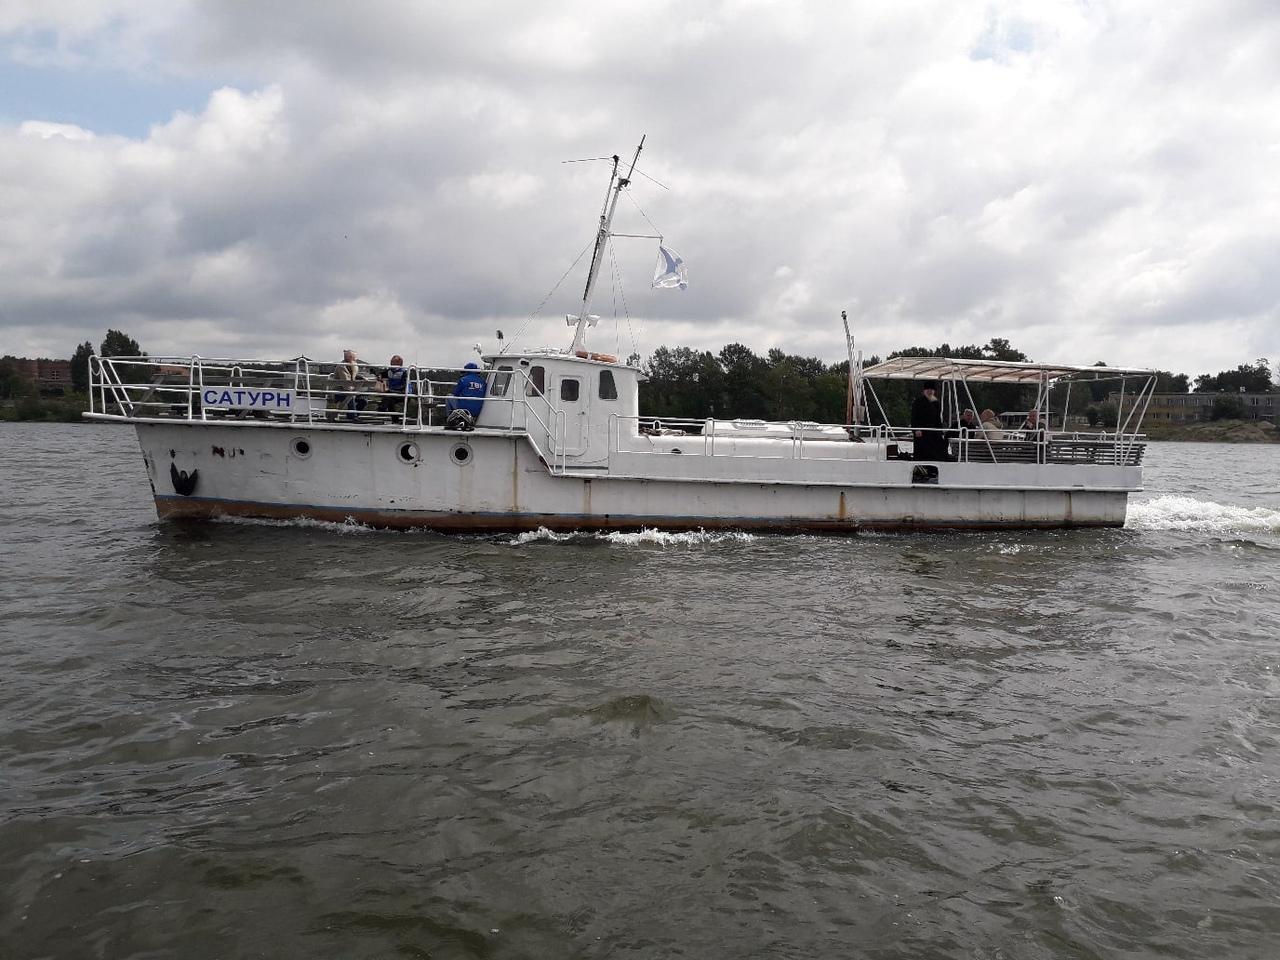 Работы длились несколько часов, было задействовано несколько водолазов и два катера